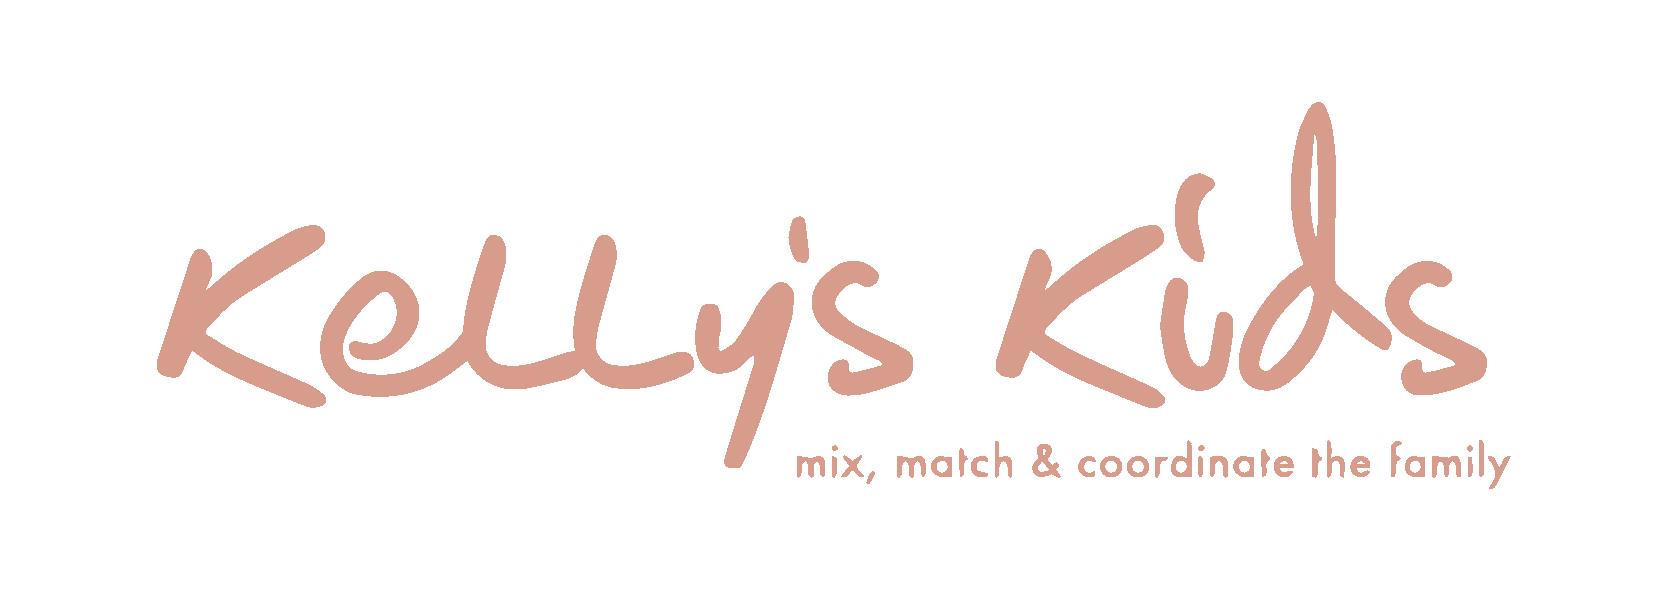 sponsors_kellys kids.png